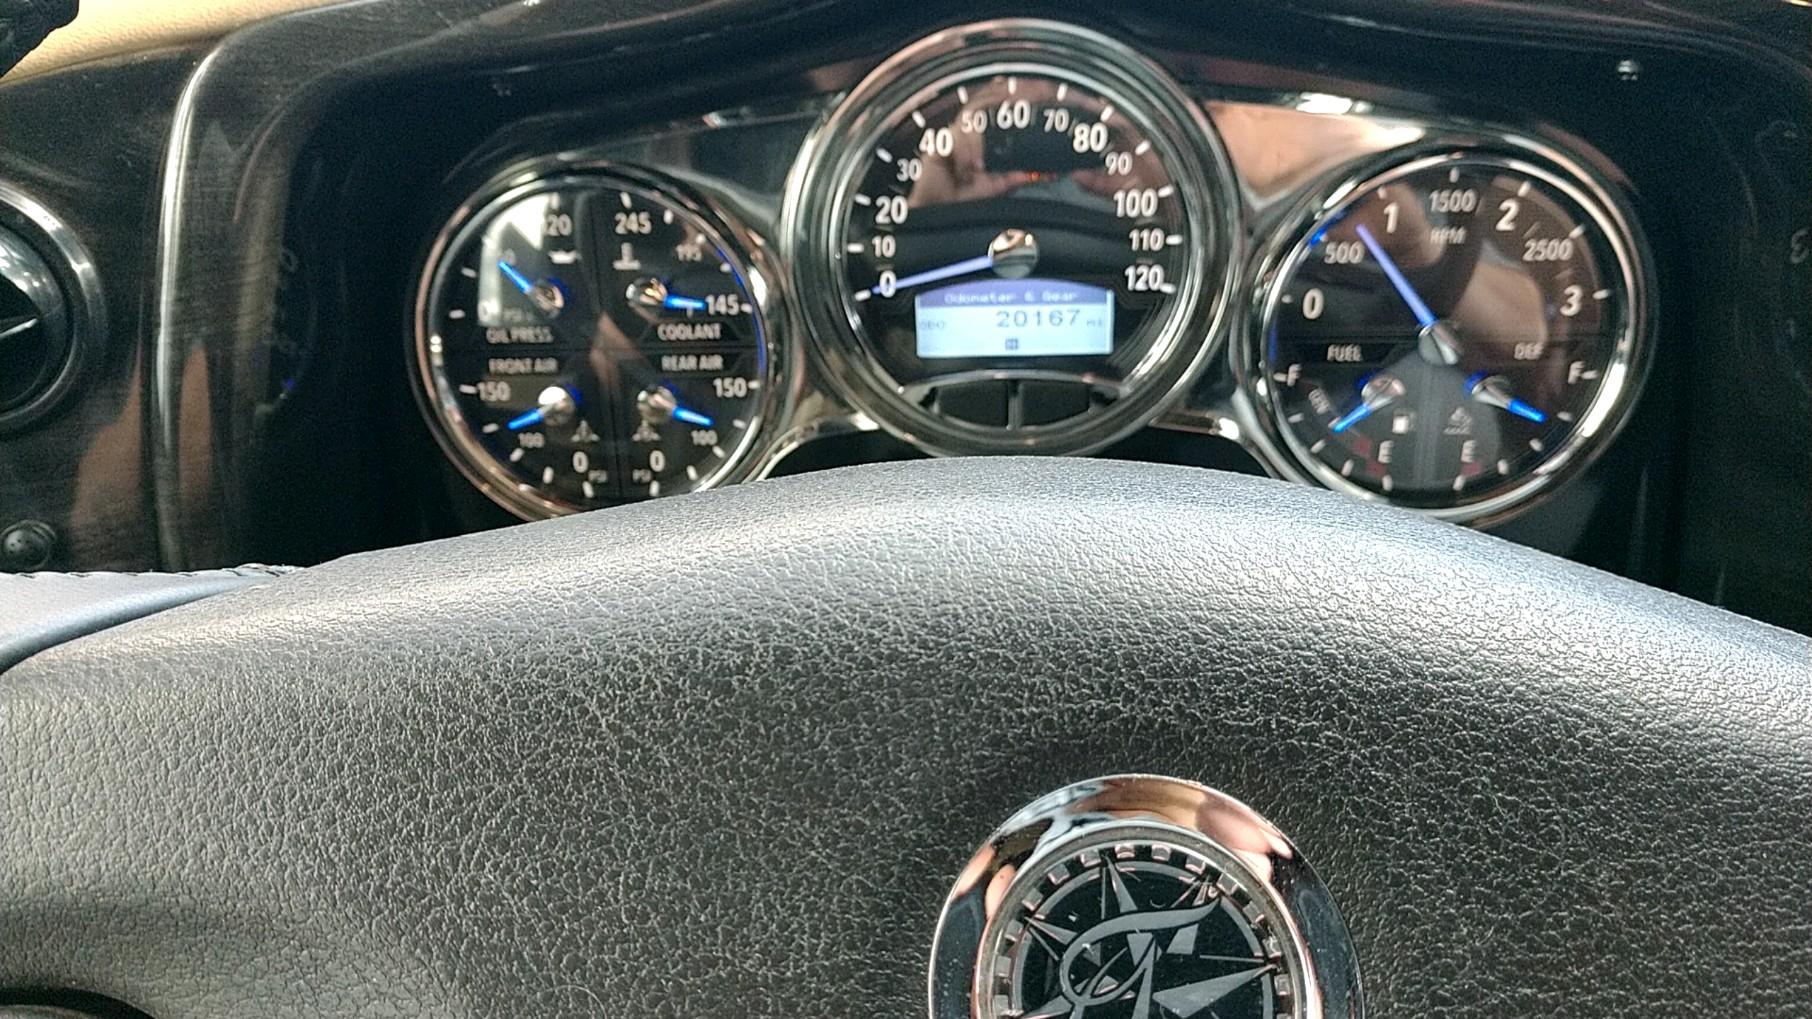 Recent mileage